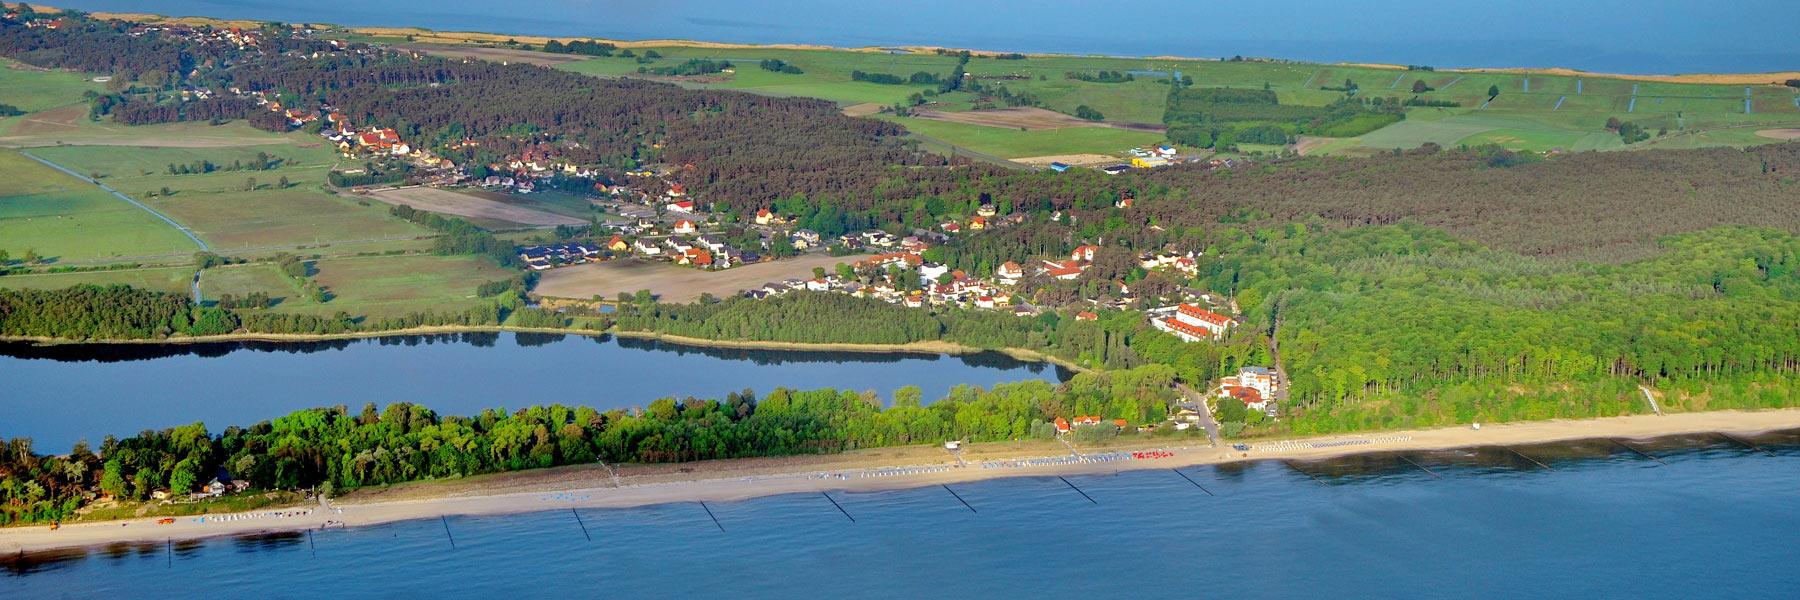 Luftaufnahme - Seebad Loddin-Kölpinsee